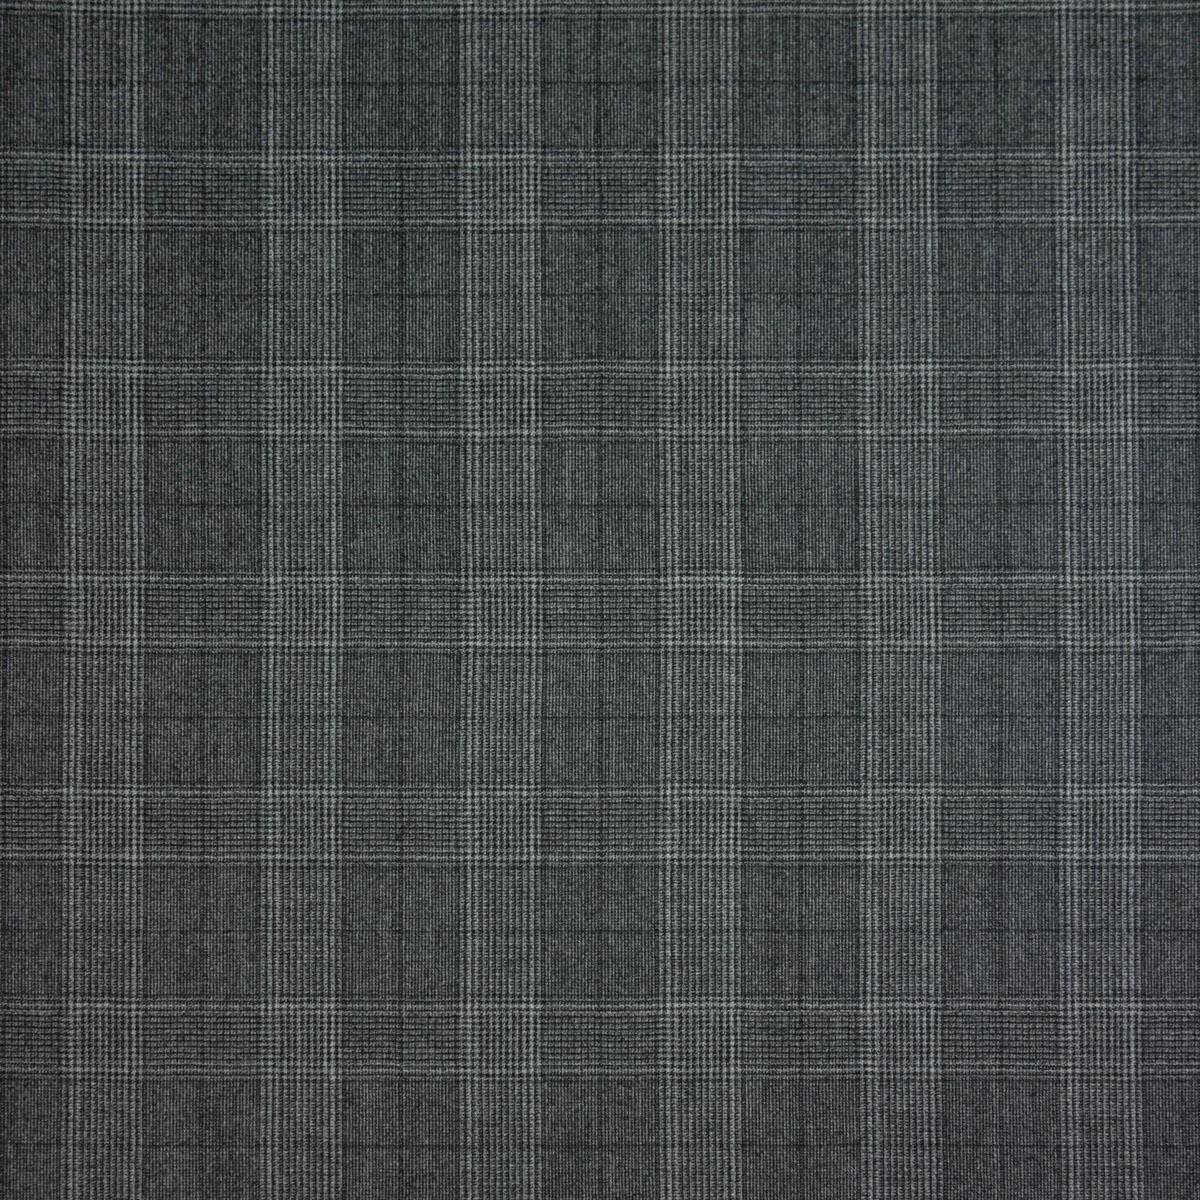 hochwertiges Streichgarn, Karo, Schwarz, Grau